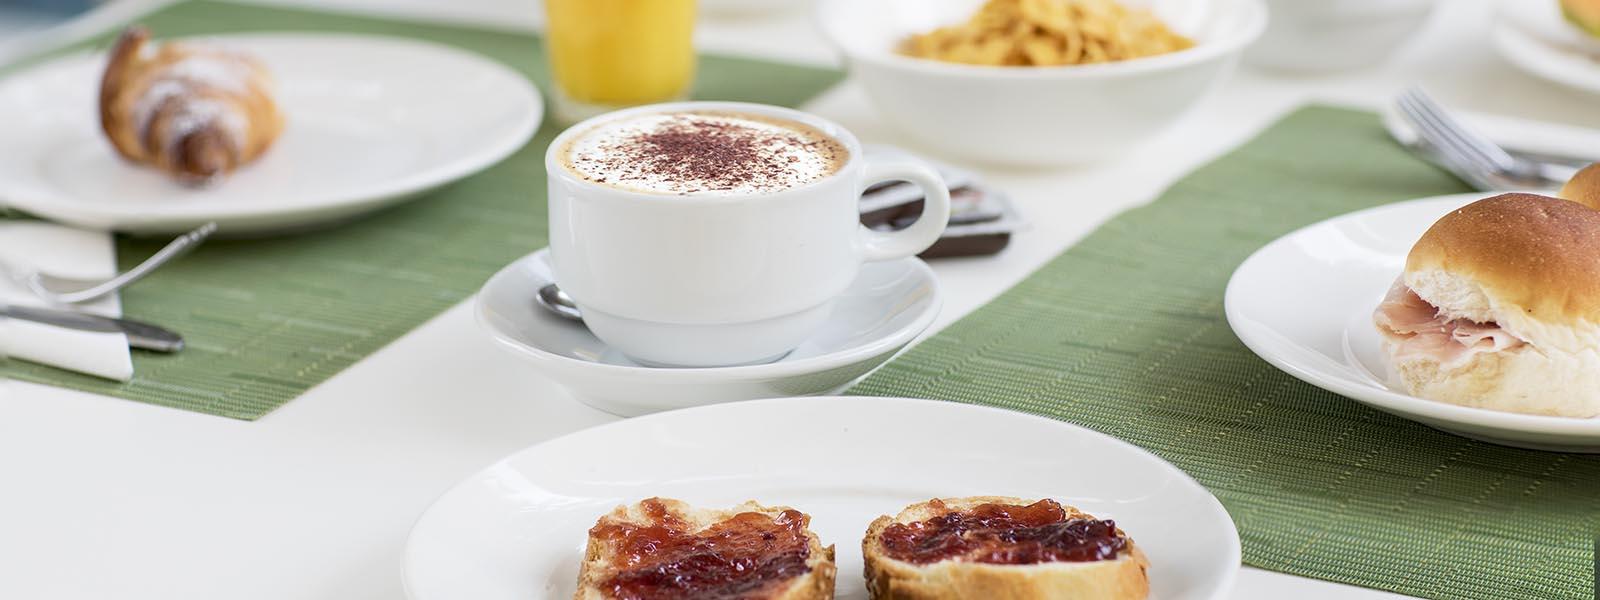 favignana-hotel-3-stelle-isole-egadi-colazione